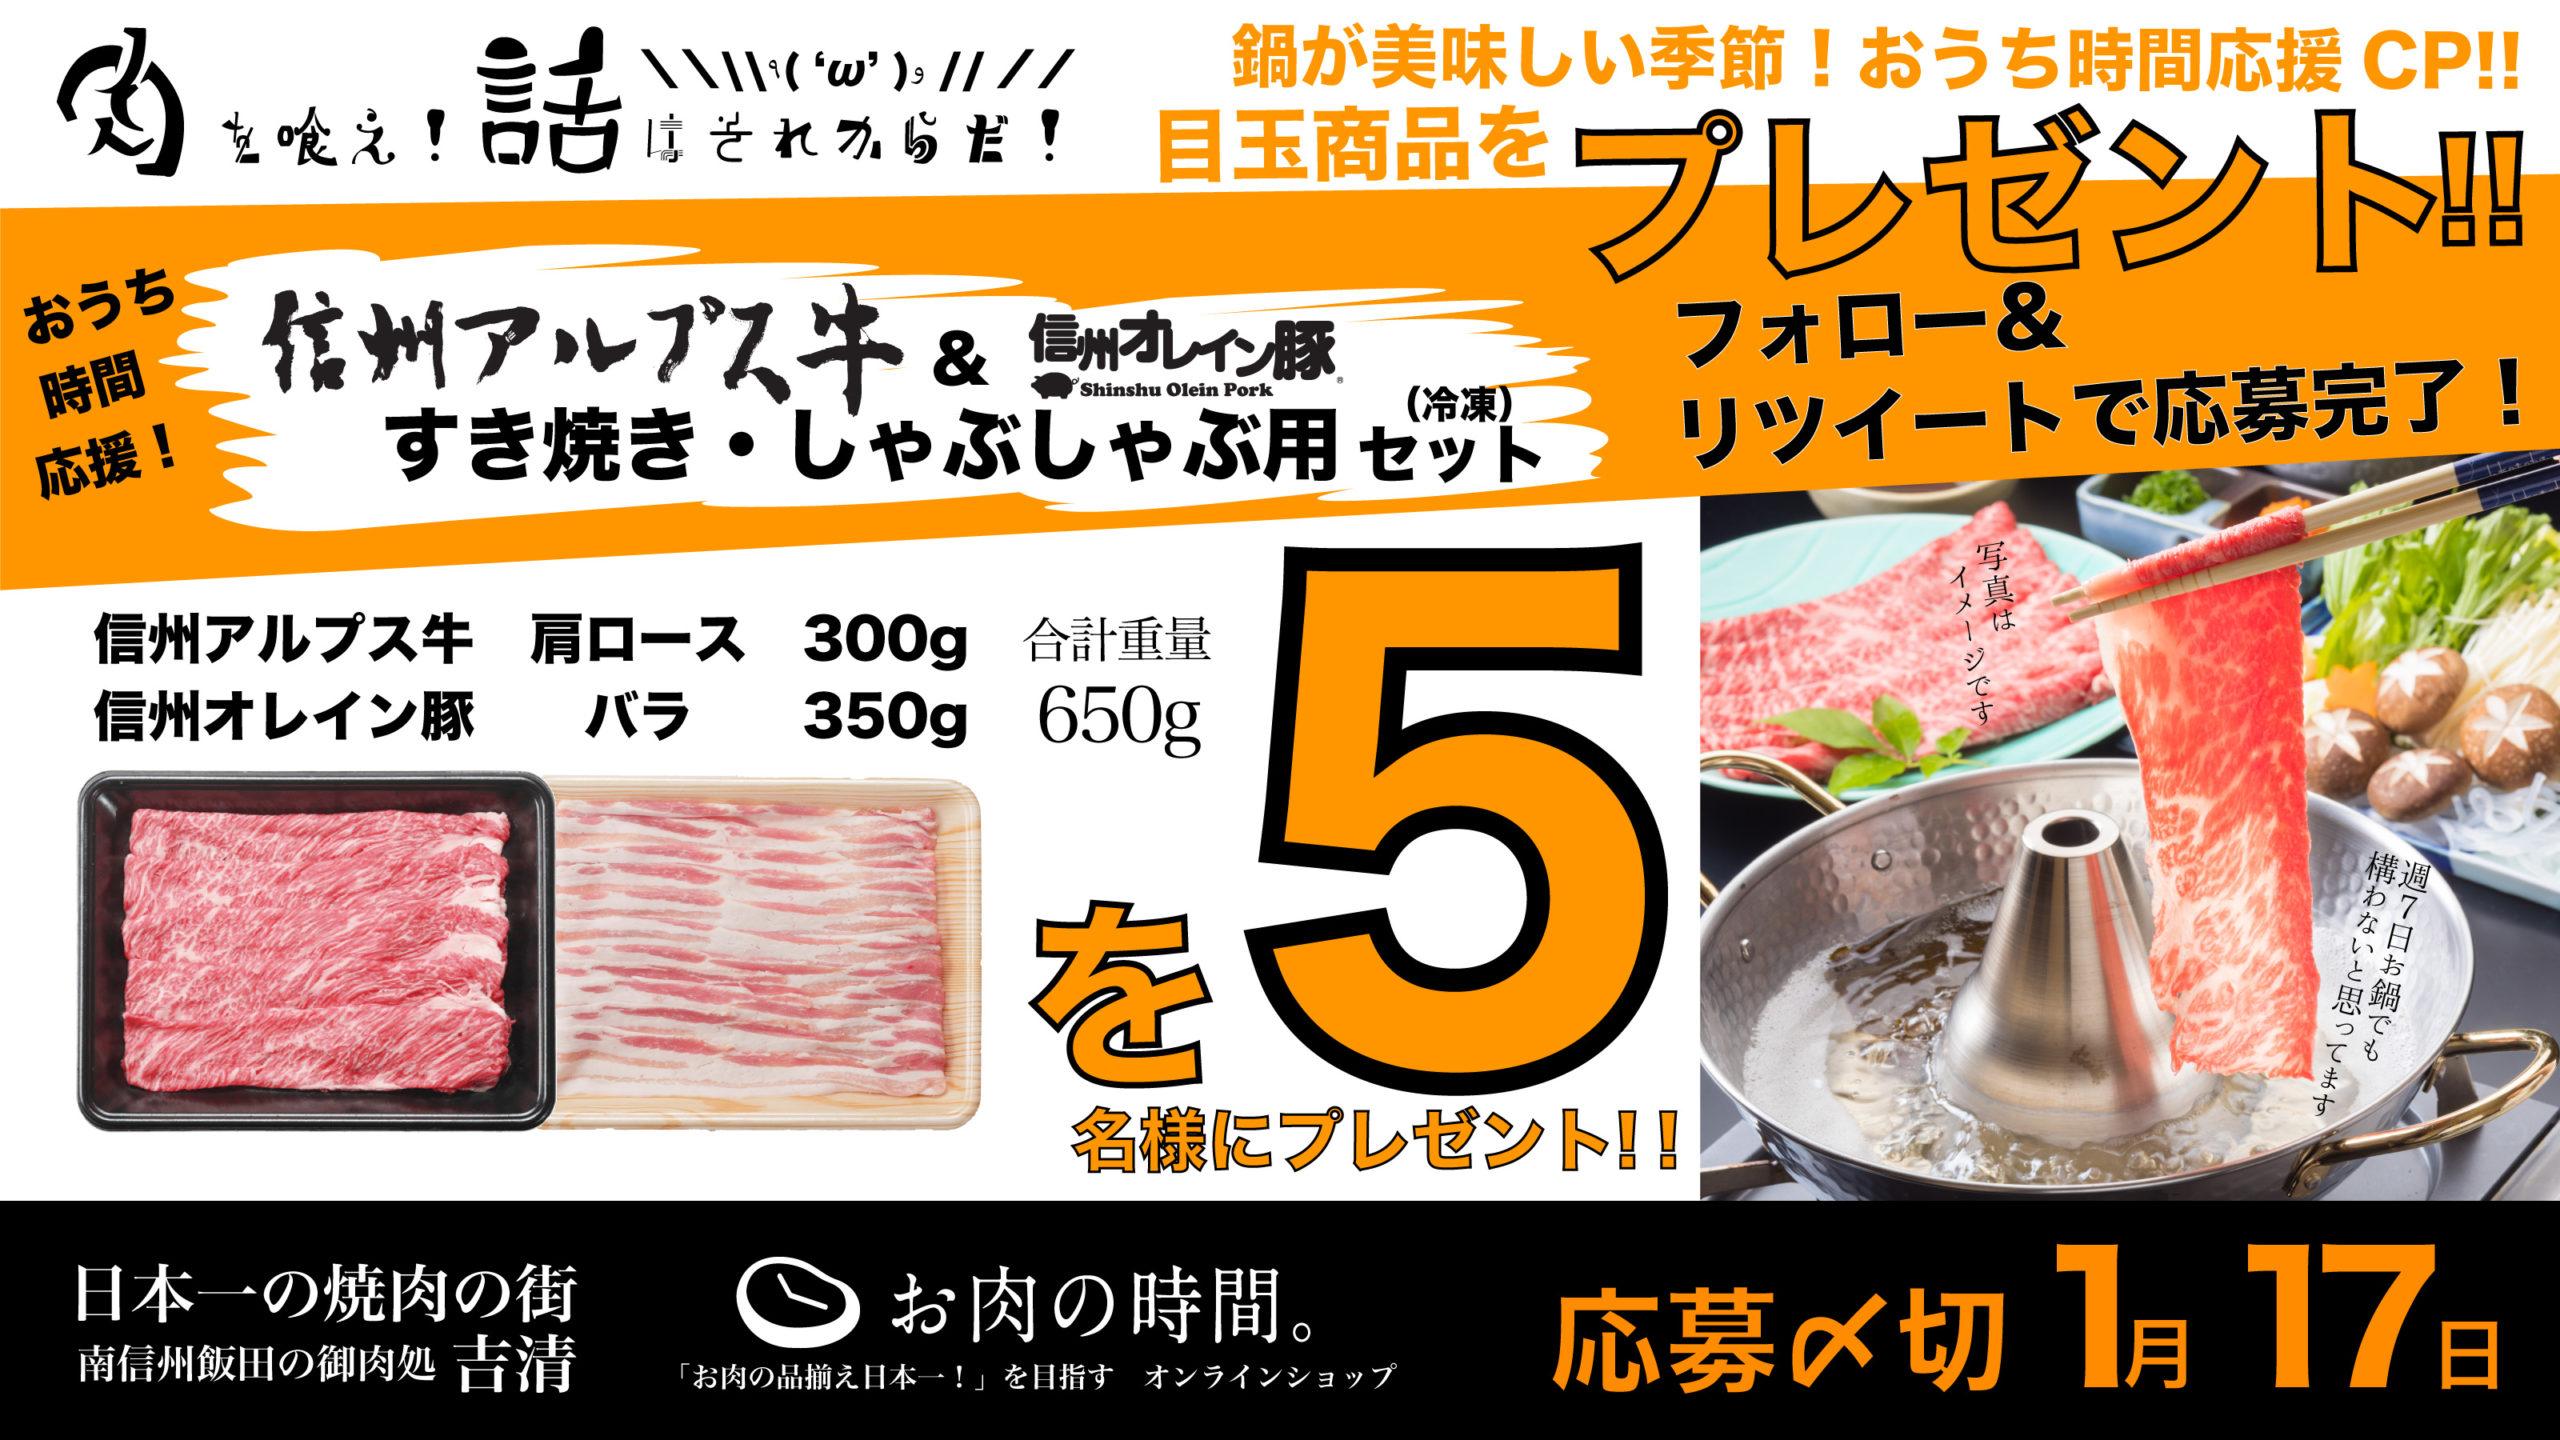 1/15正午より!鍋が美味しい季節!おうち時間応援CP!!